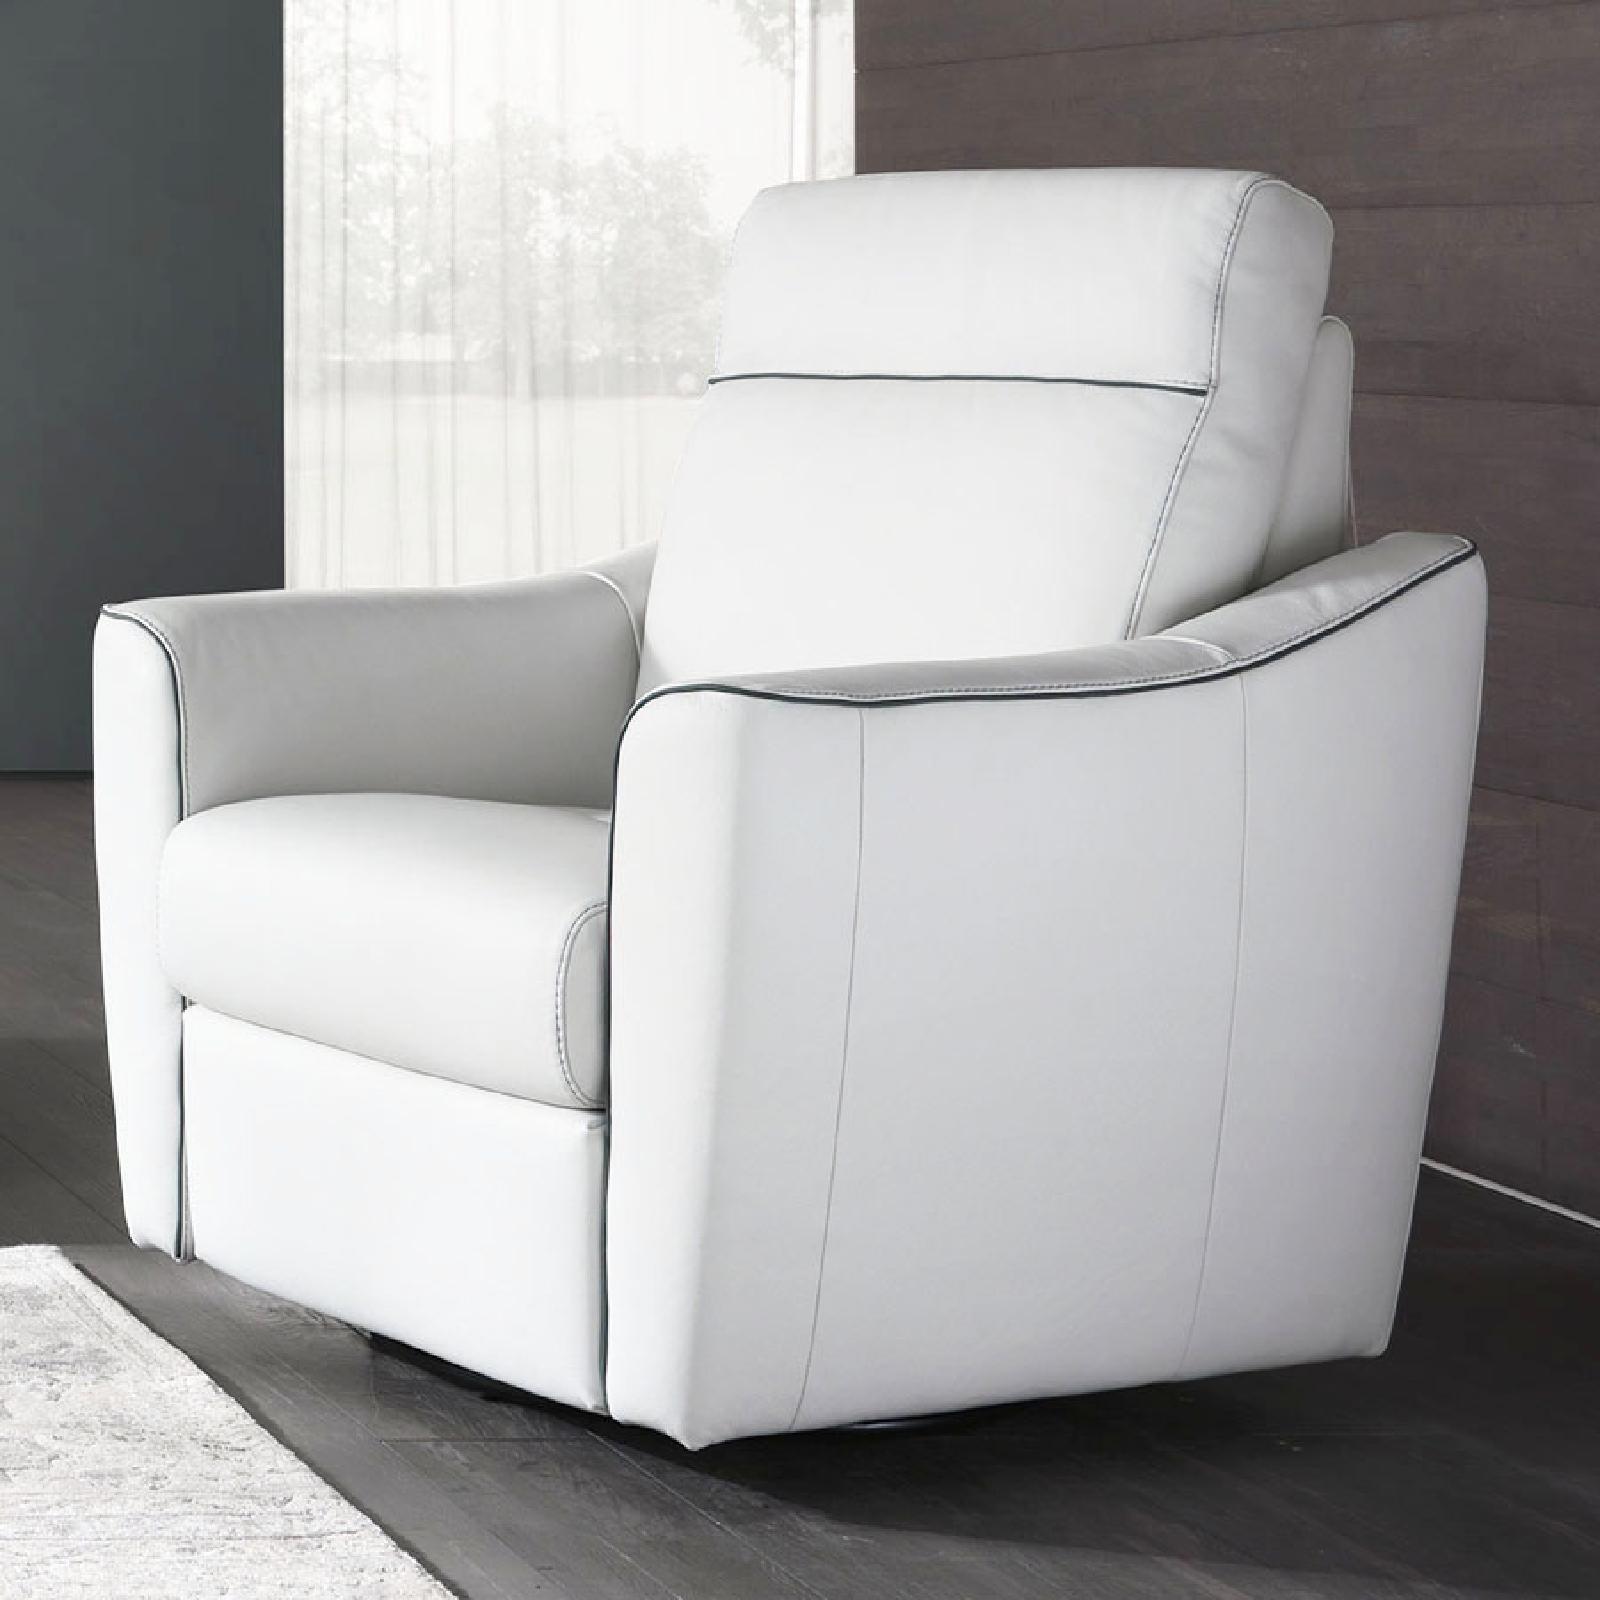 loren fauteuil moderne 100 cuir italien Résultat Supérieur 17 Superbe Canapé Convertible Paris Stock 2017 Gst3